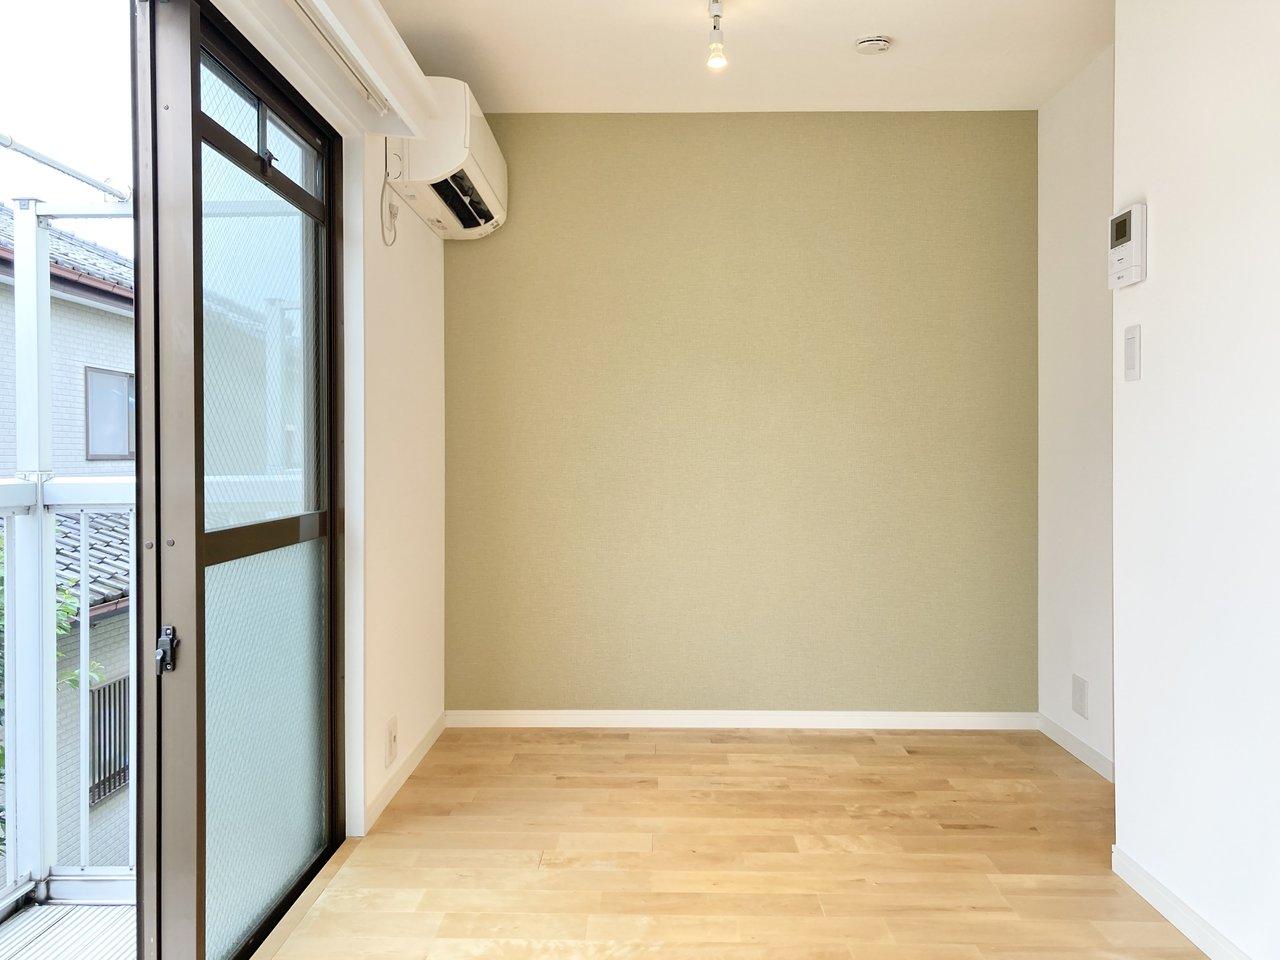 くすんだトーンのグリーン。グリーンやイエロー系は、お部屋をやわらかい雰囲気に魅せてくれますね。(このお部屋はこちら)